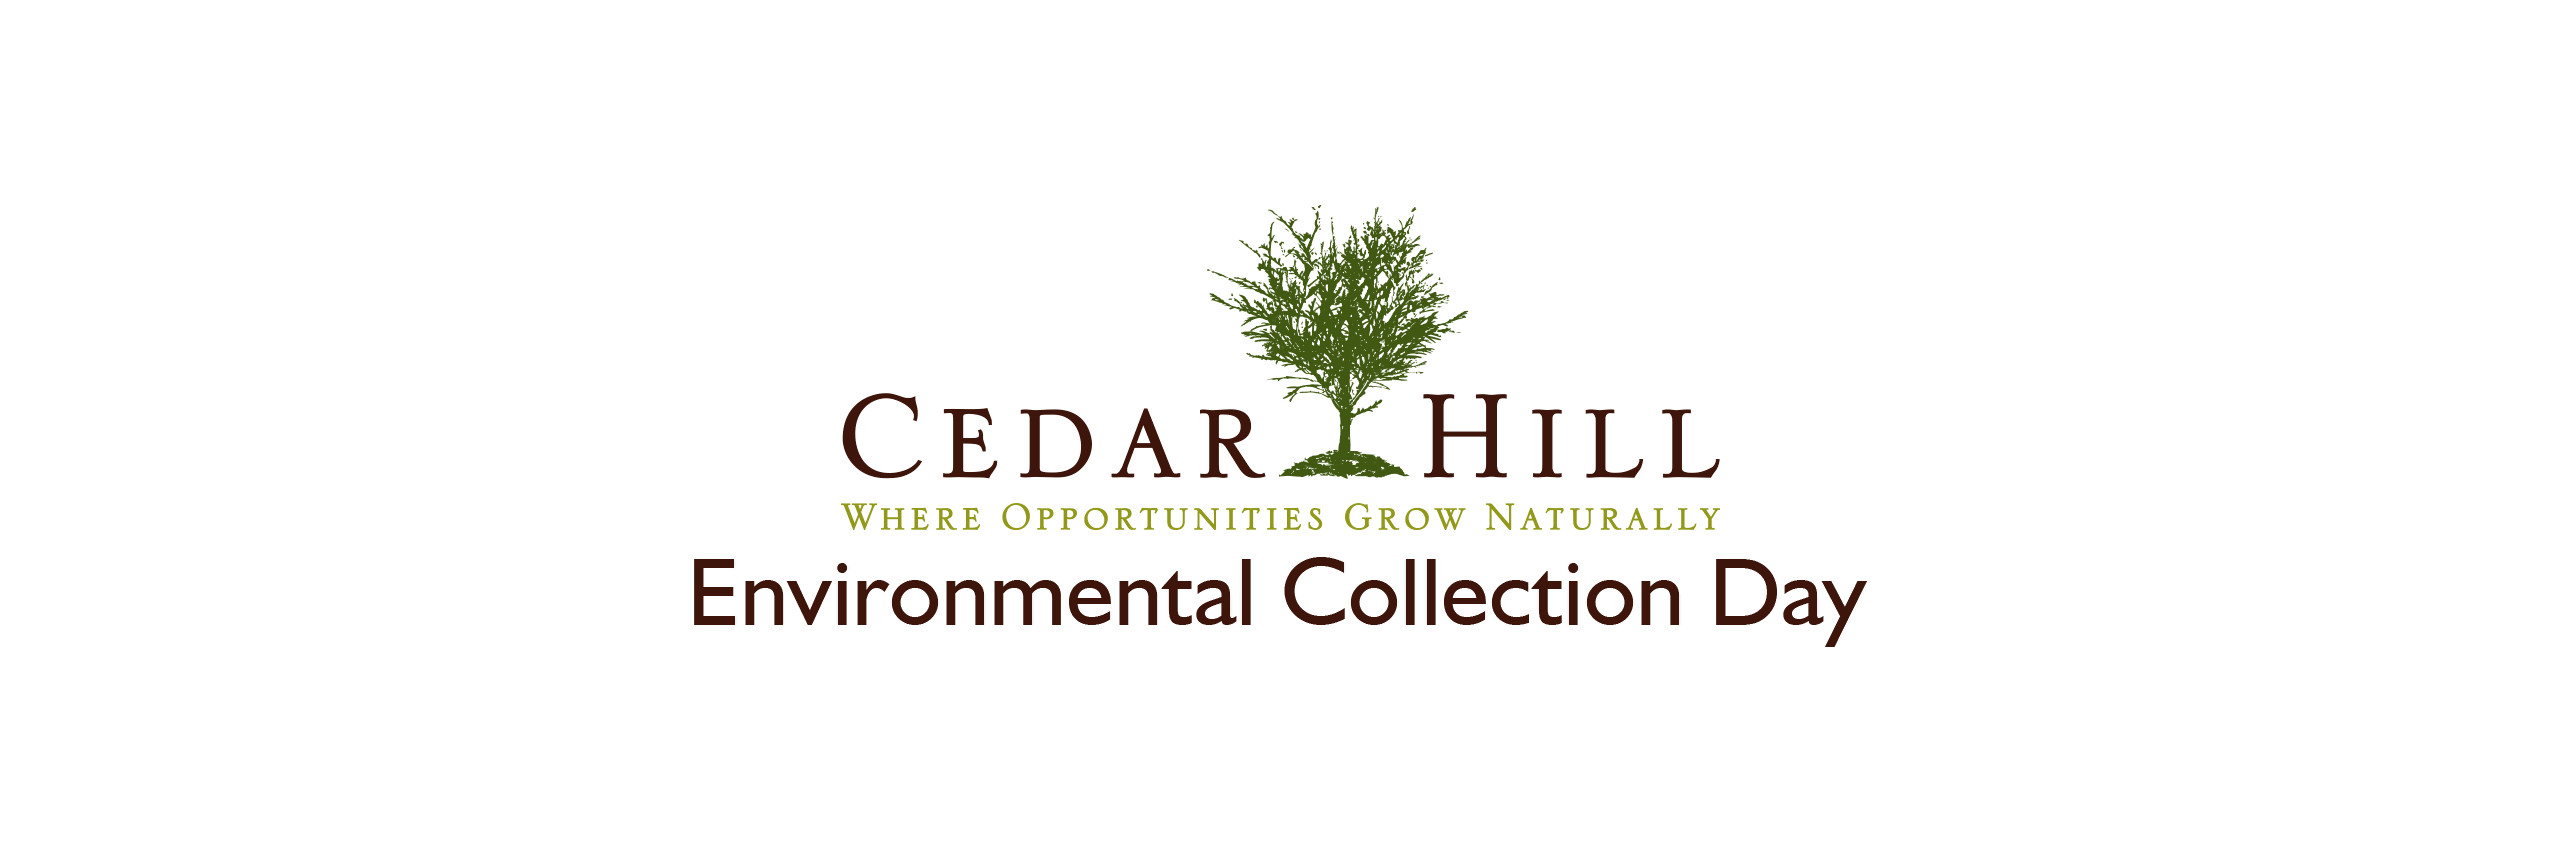 Cedar Hill Environmental Collection Day